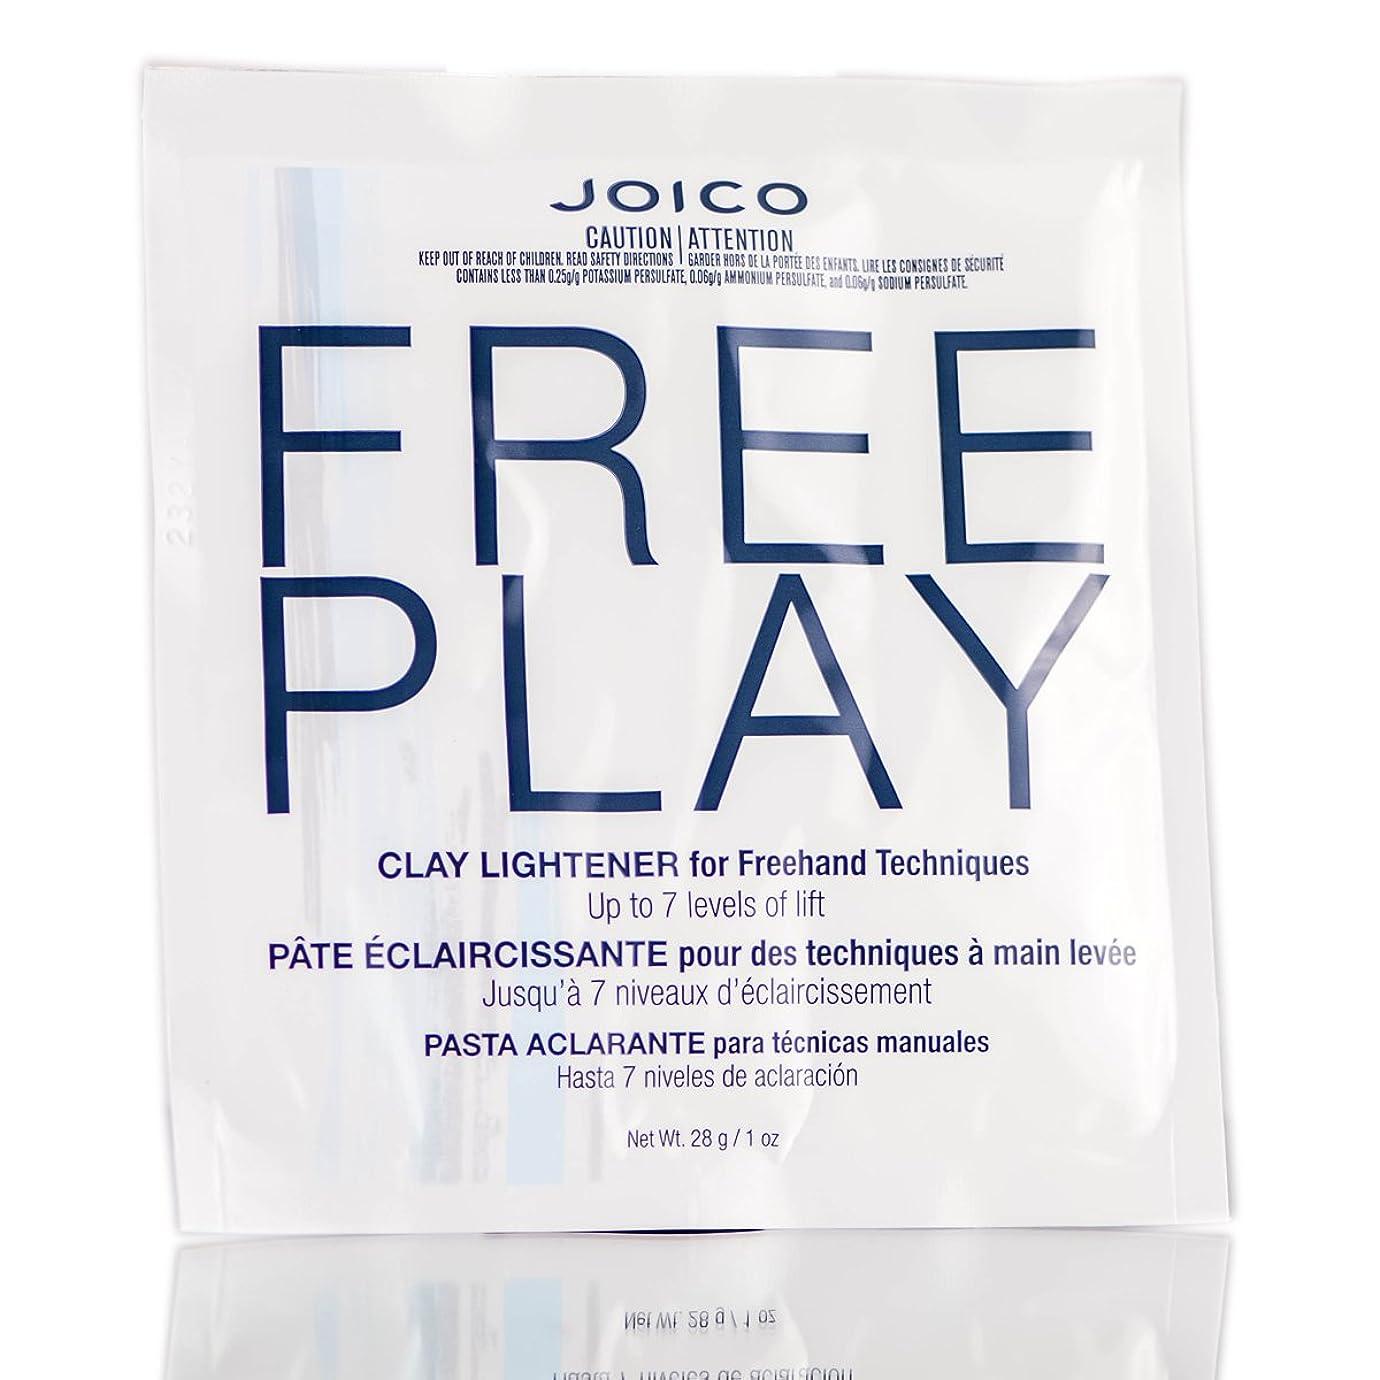 トランスペアレント石の第五Freeplay by Joico ジョイコ無料リフトの7つのレベルまで、フリーハンドテクニックのためのクレイライトナーを再生)((なめらかな色合いブラシを含んでいます) 1オンス/ 28グラム